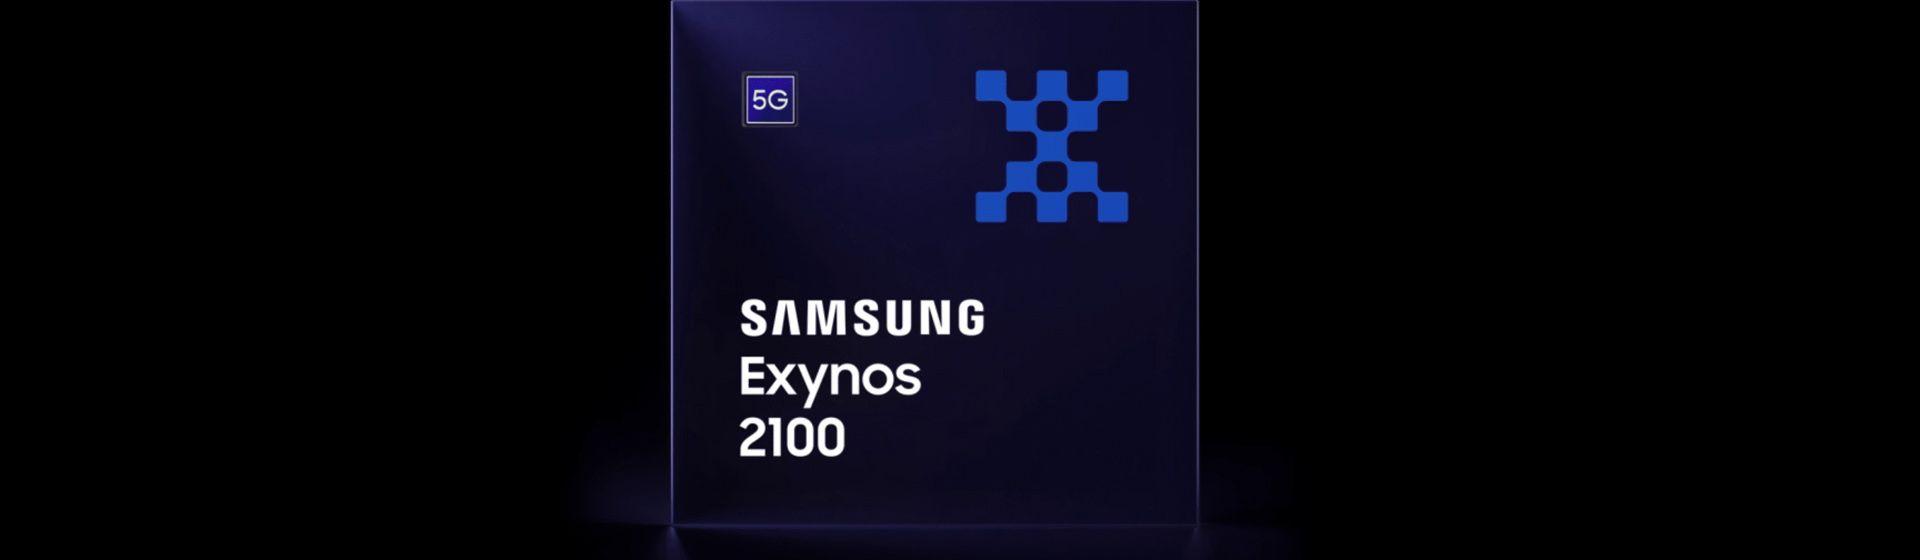 Samsung lança o Exynos 2100, seu novo processador para aparelhos premium